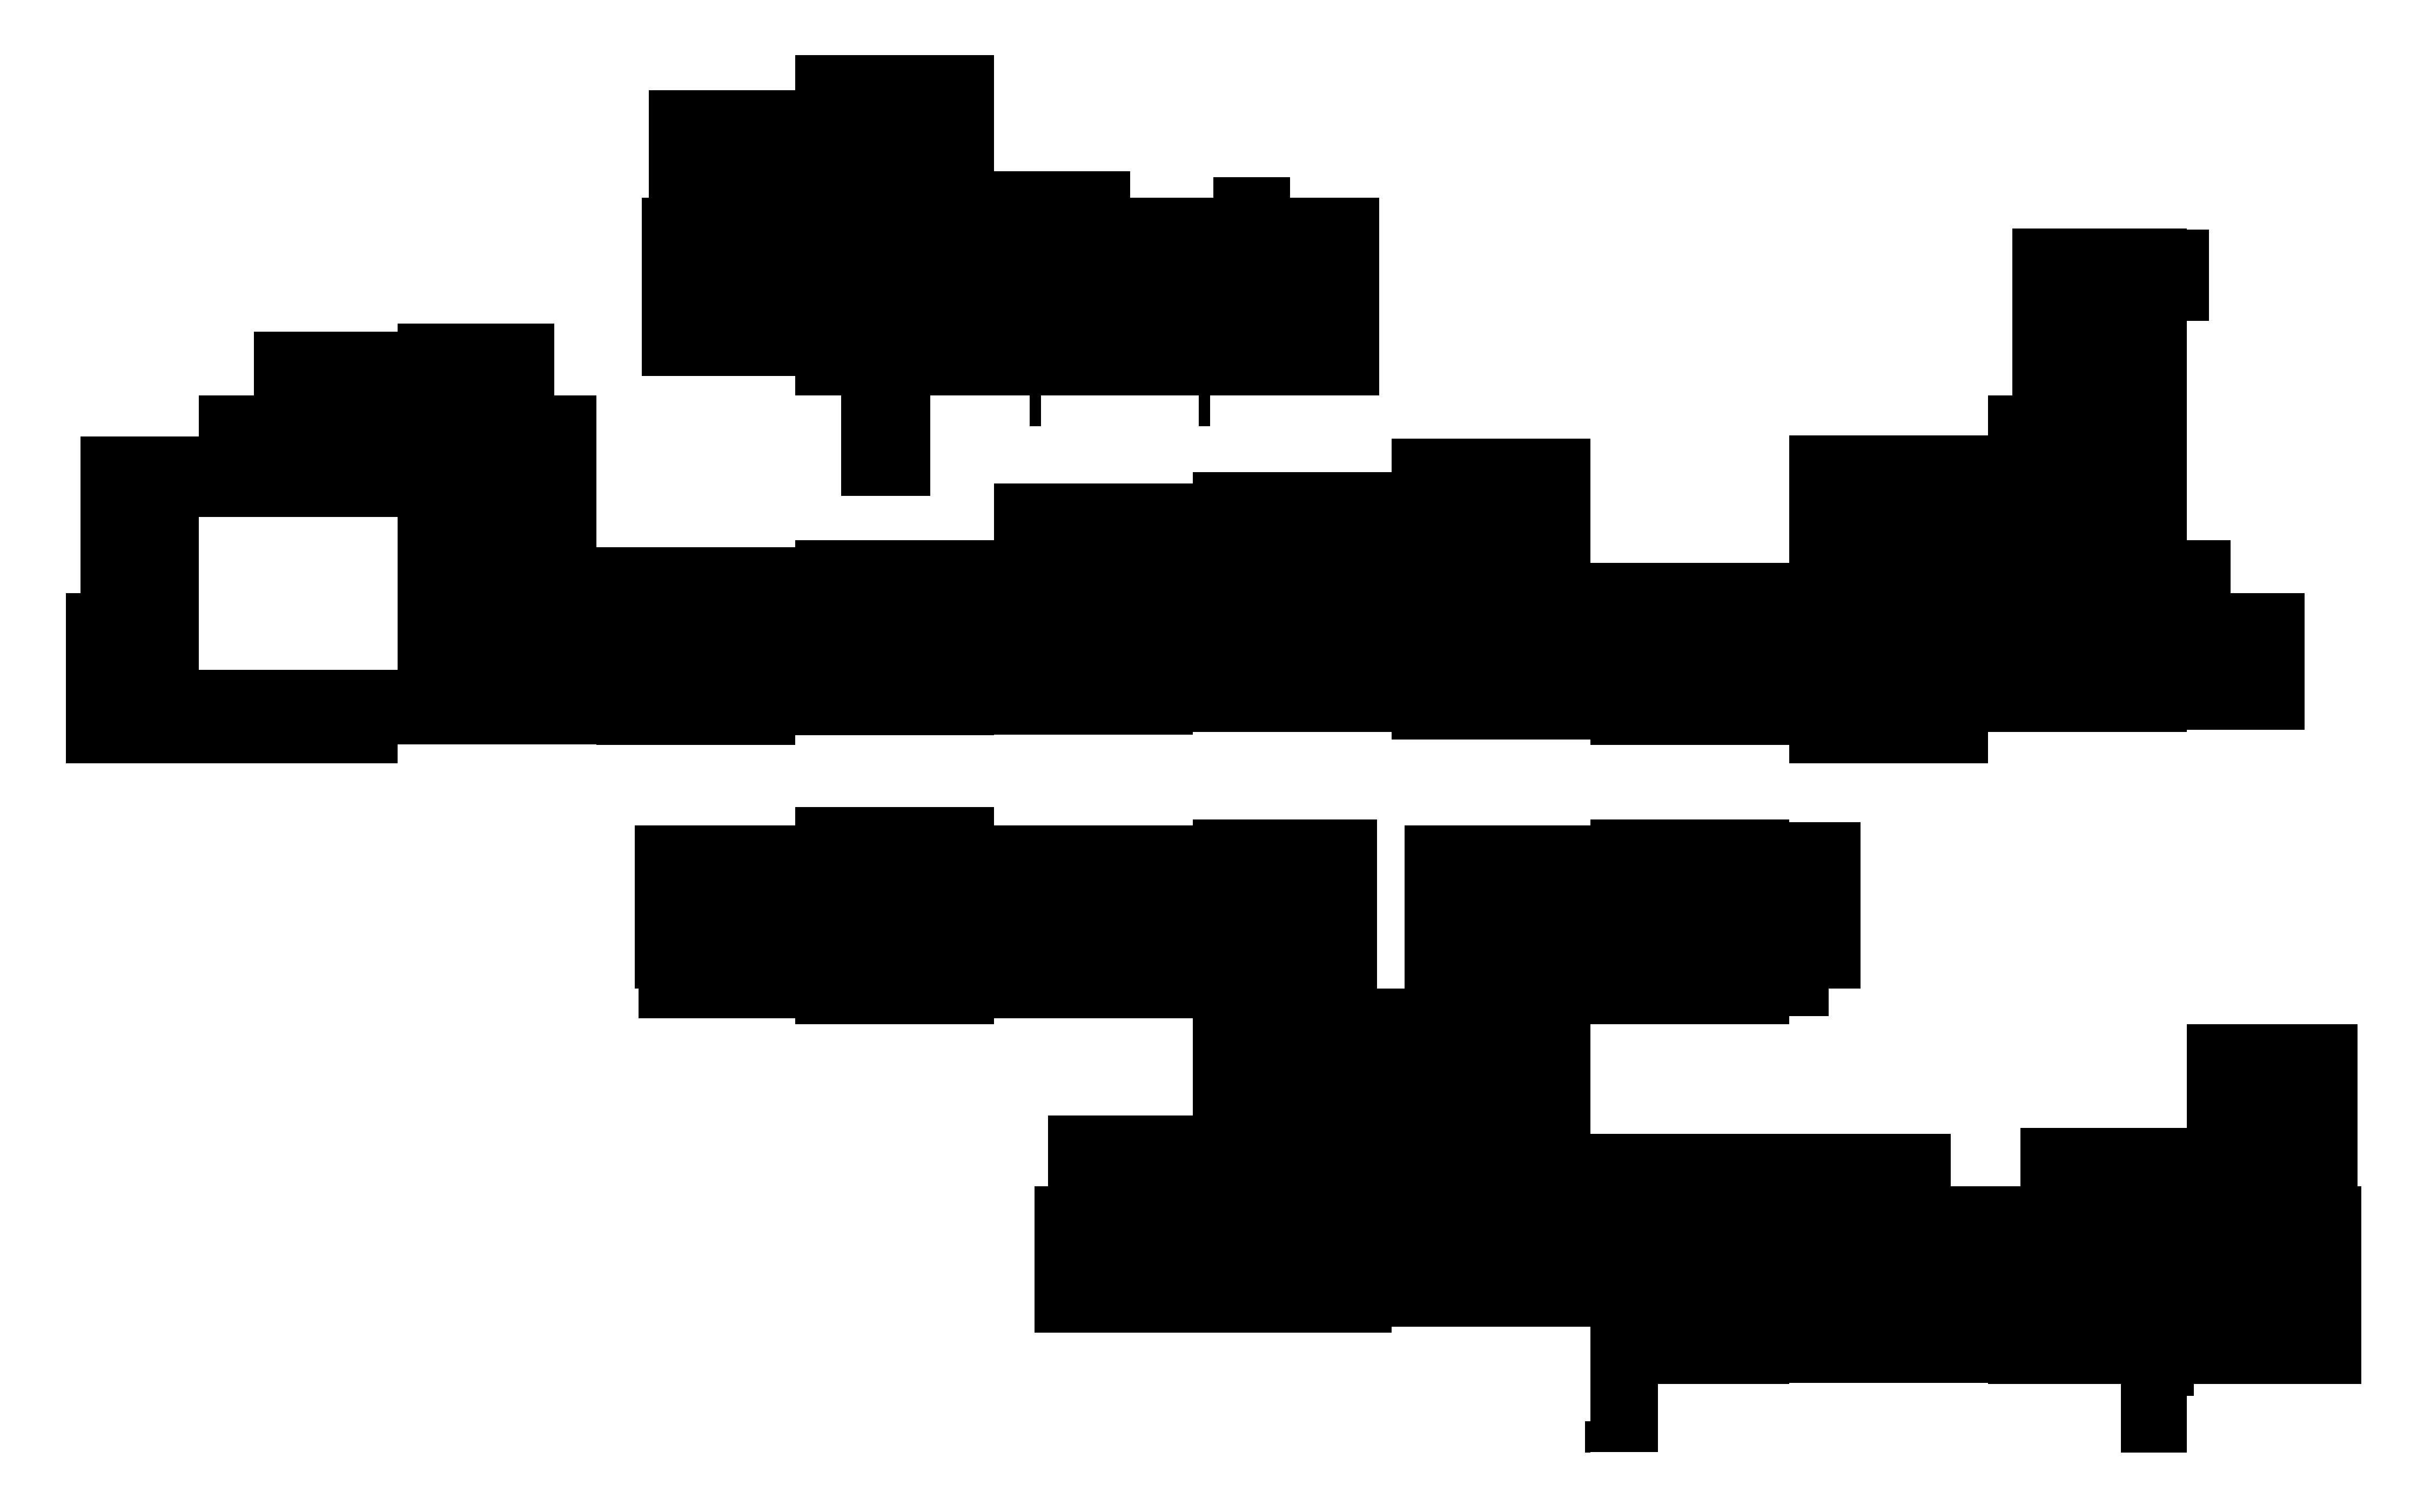 Надпись открытке подруге, анимация ракушка вода